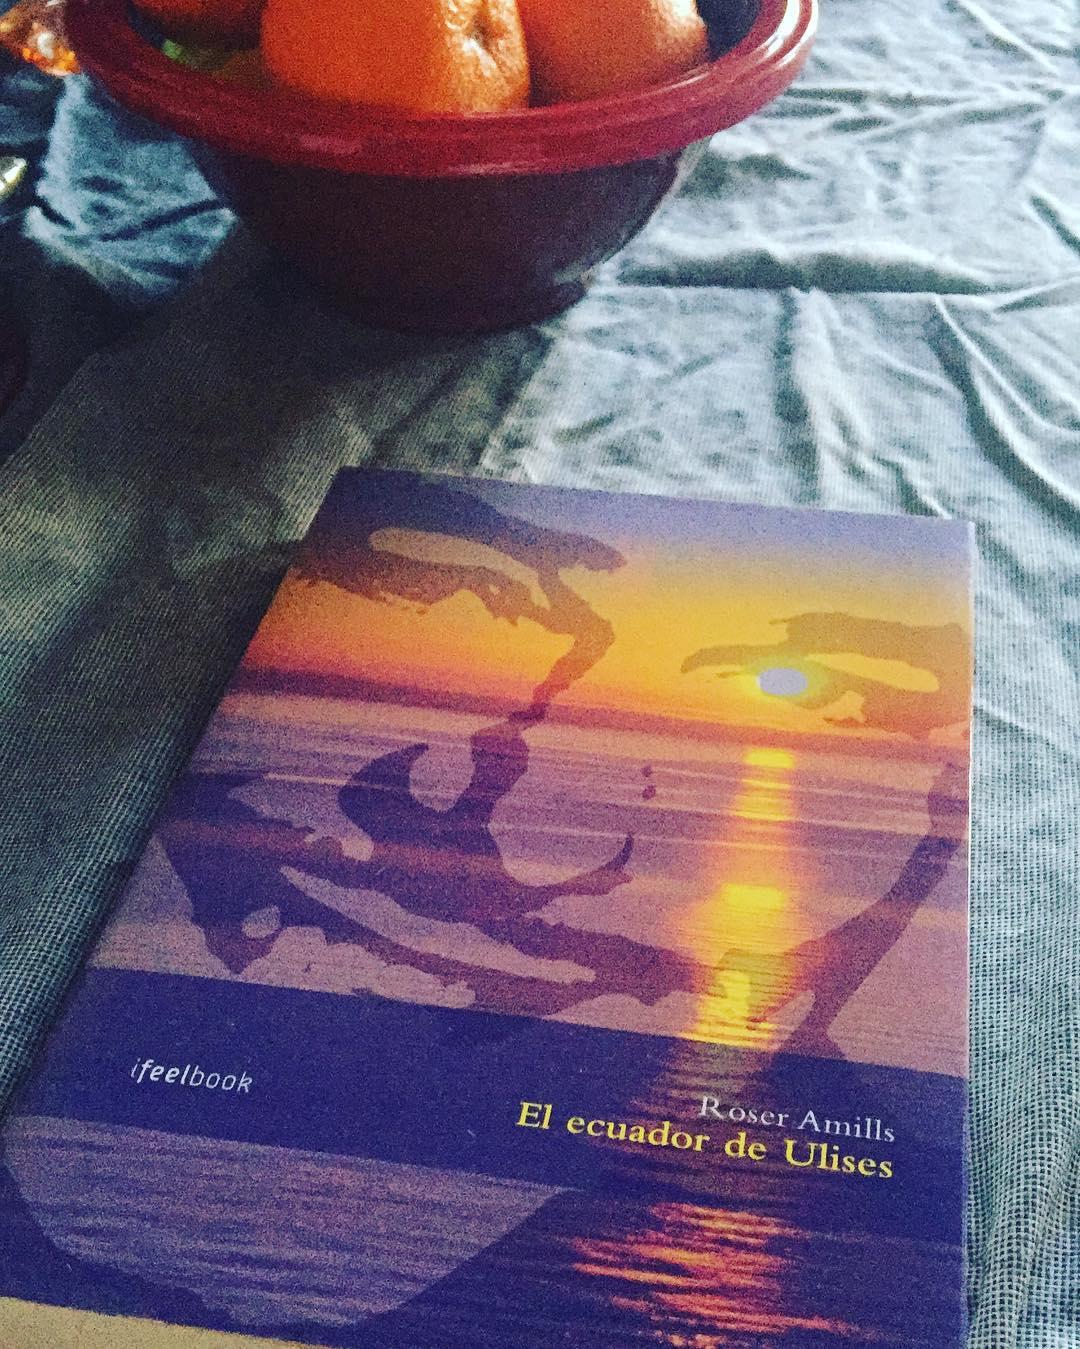 Esta tarde este ejemplar la novela #elecuadordeulises tendrá dueño lector con dedicatoria #regalalibros #leeressexy #errolflynn #mallorca